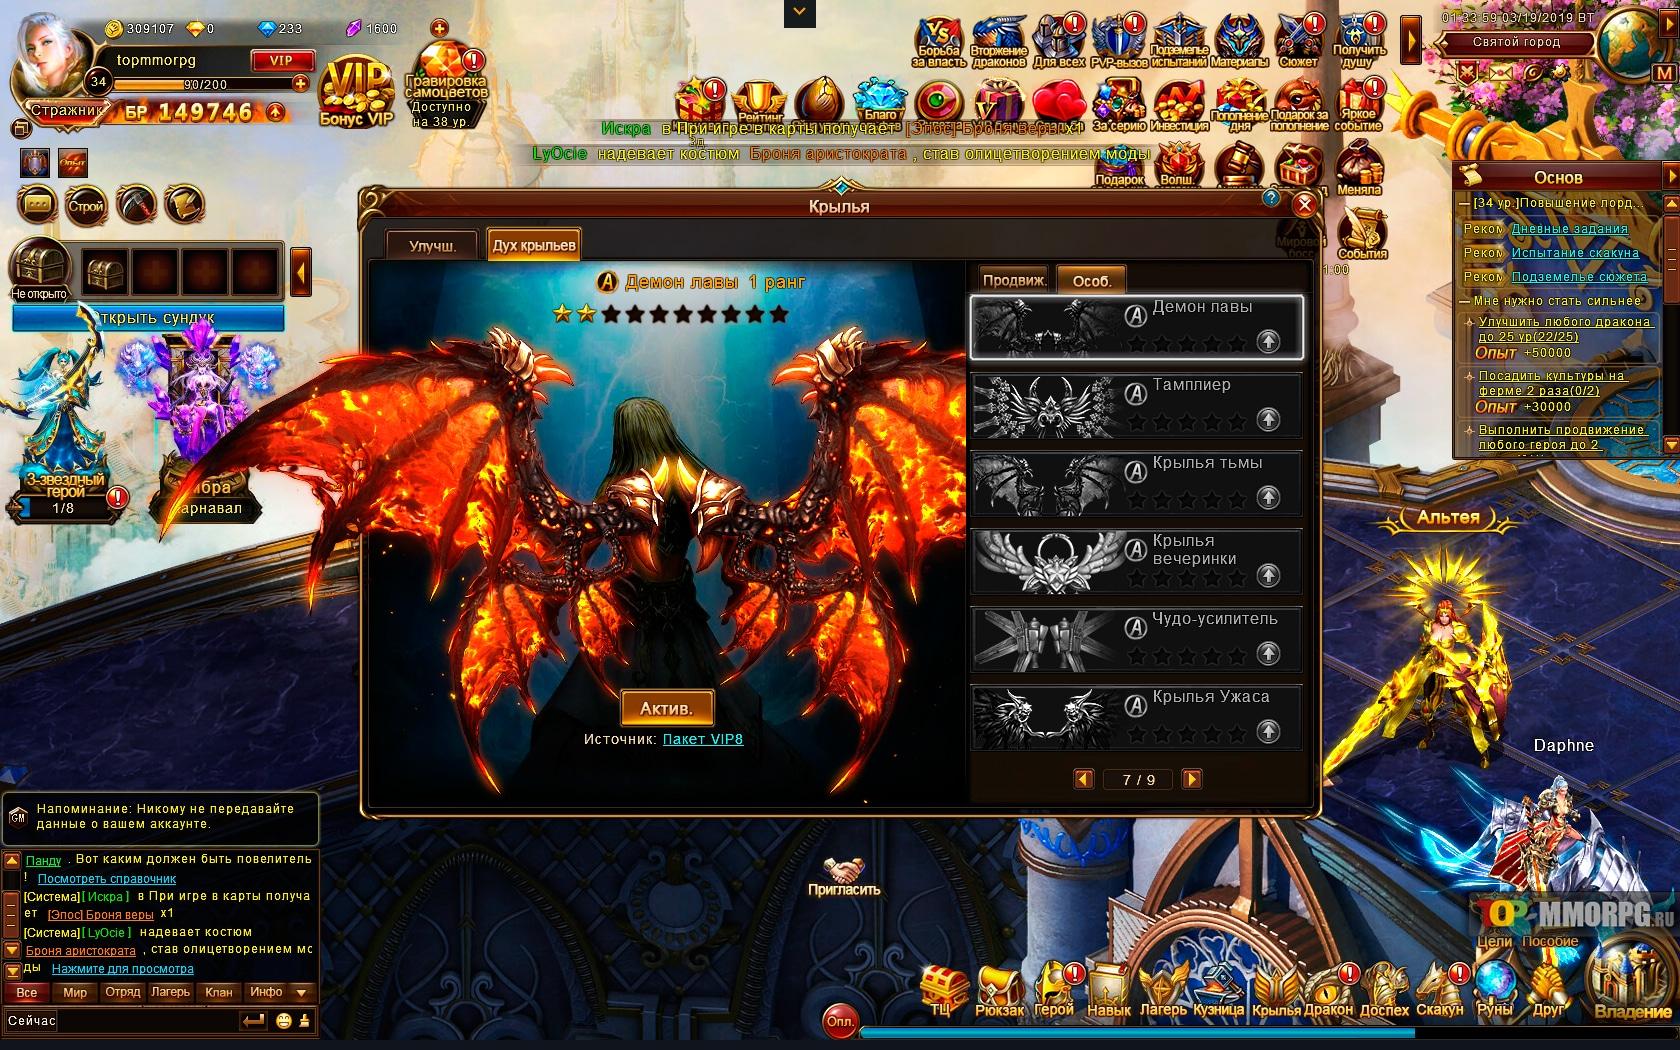 Популярные и качественные онлайн игры в браузере 2